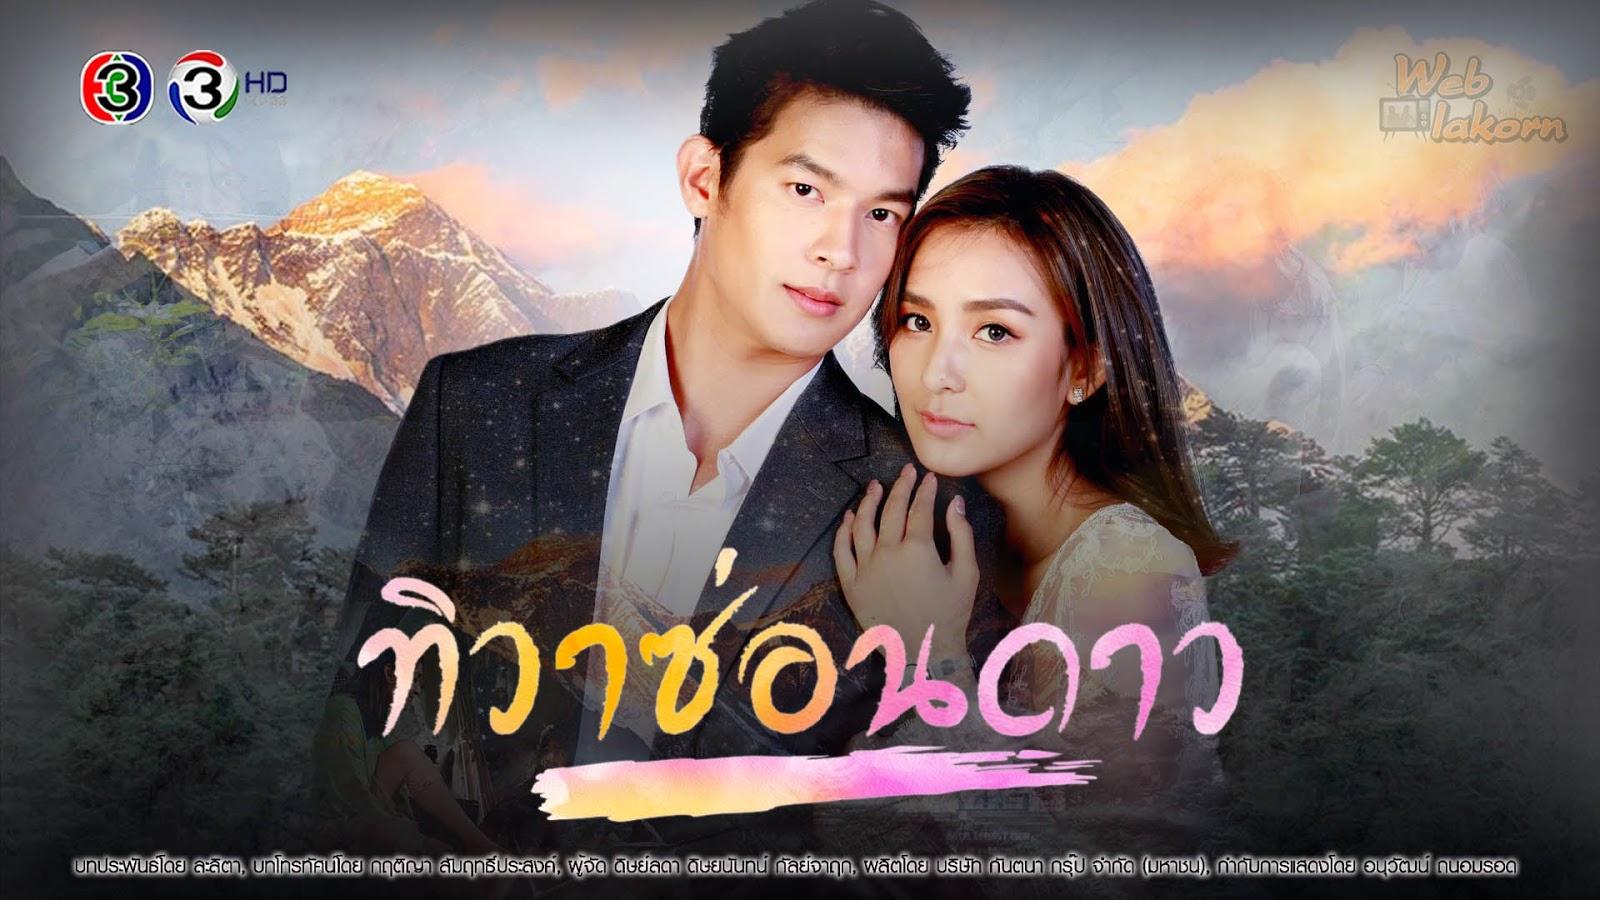 Phim ngày ẩn sao Thái Lan